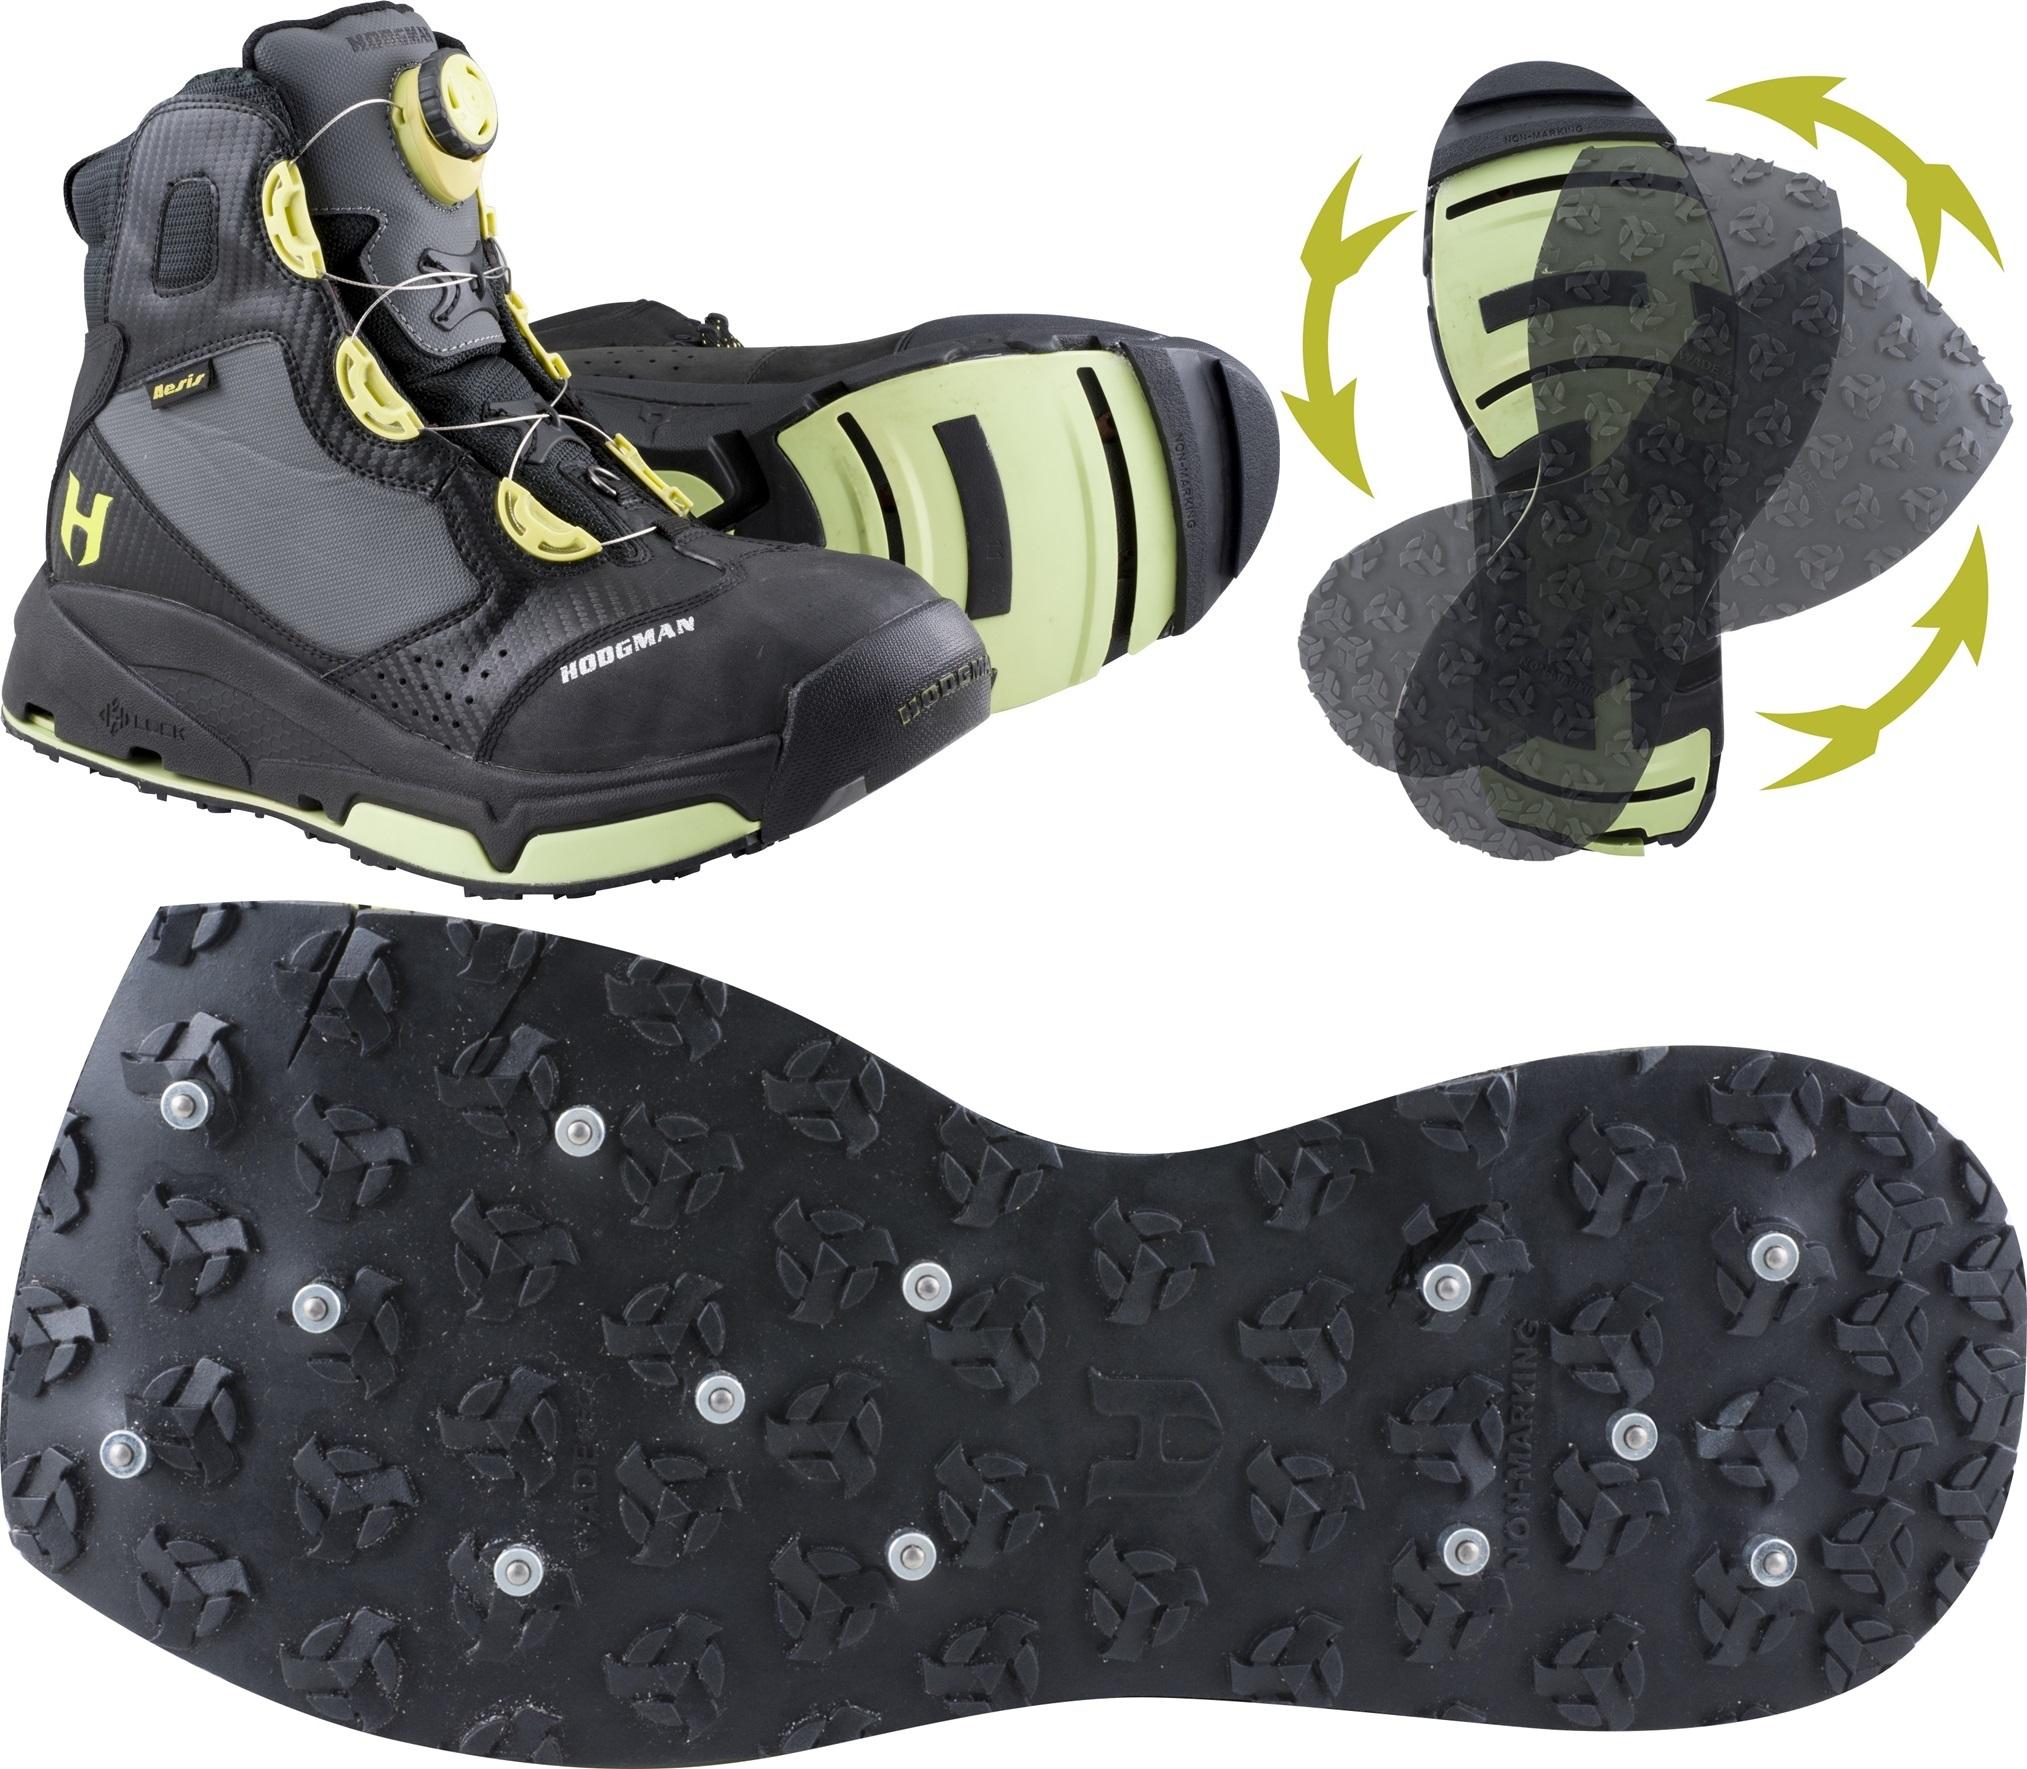 og de prisvinnende hodgman sko med utskiftbar såle, gummi med studs er favoritten på svabergene